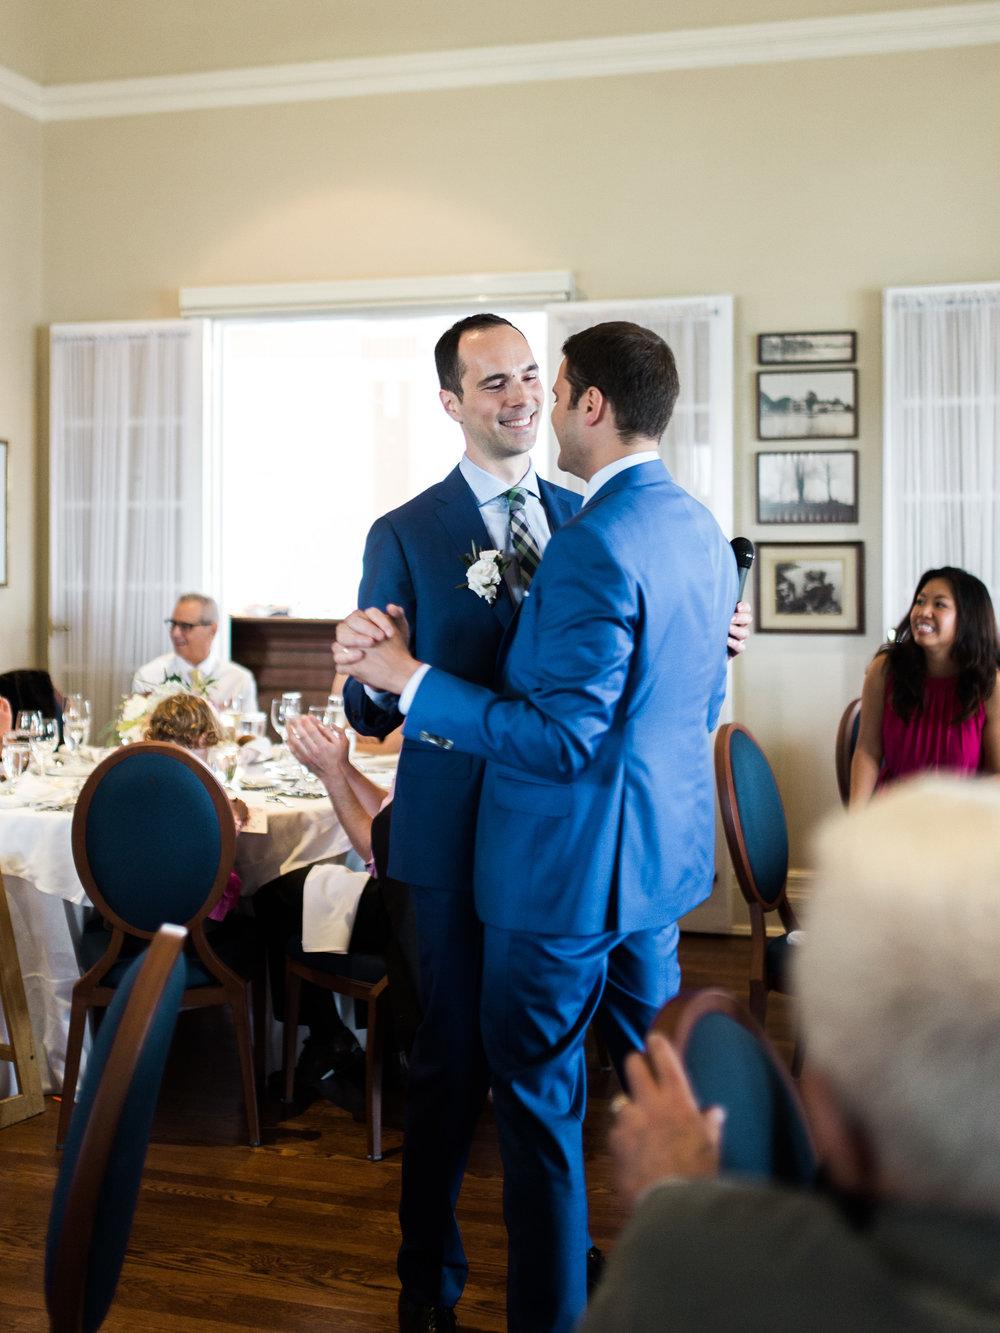 Toronto Island Royal Canadian Yacht Club Wedding